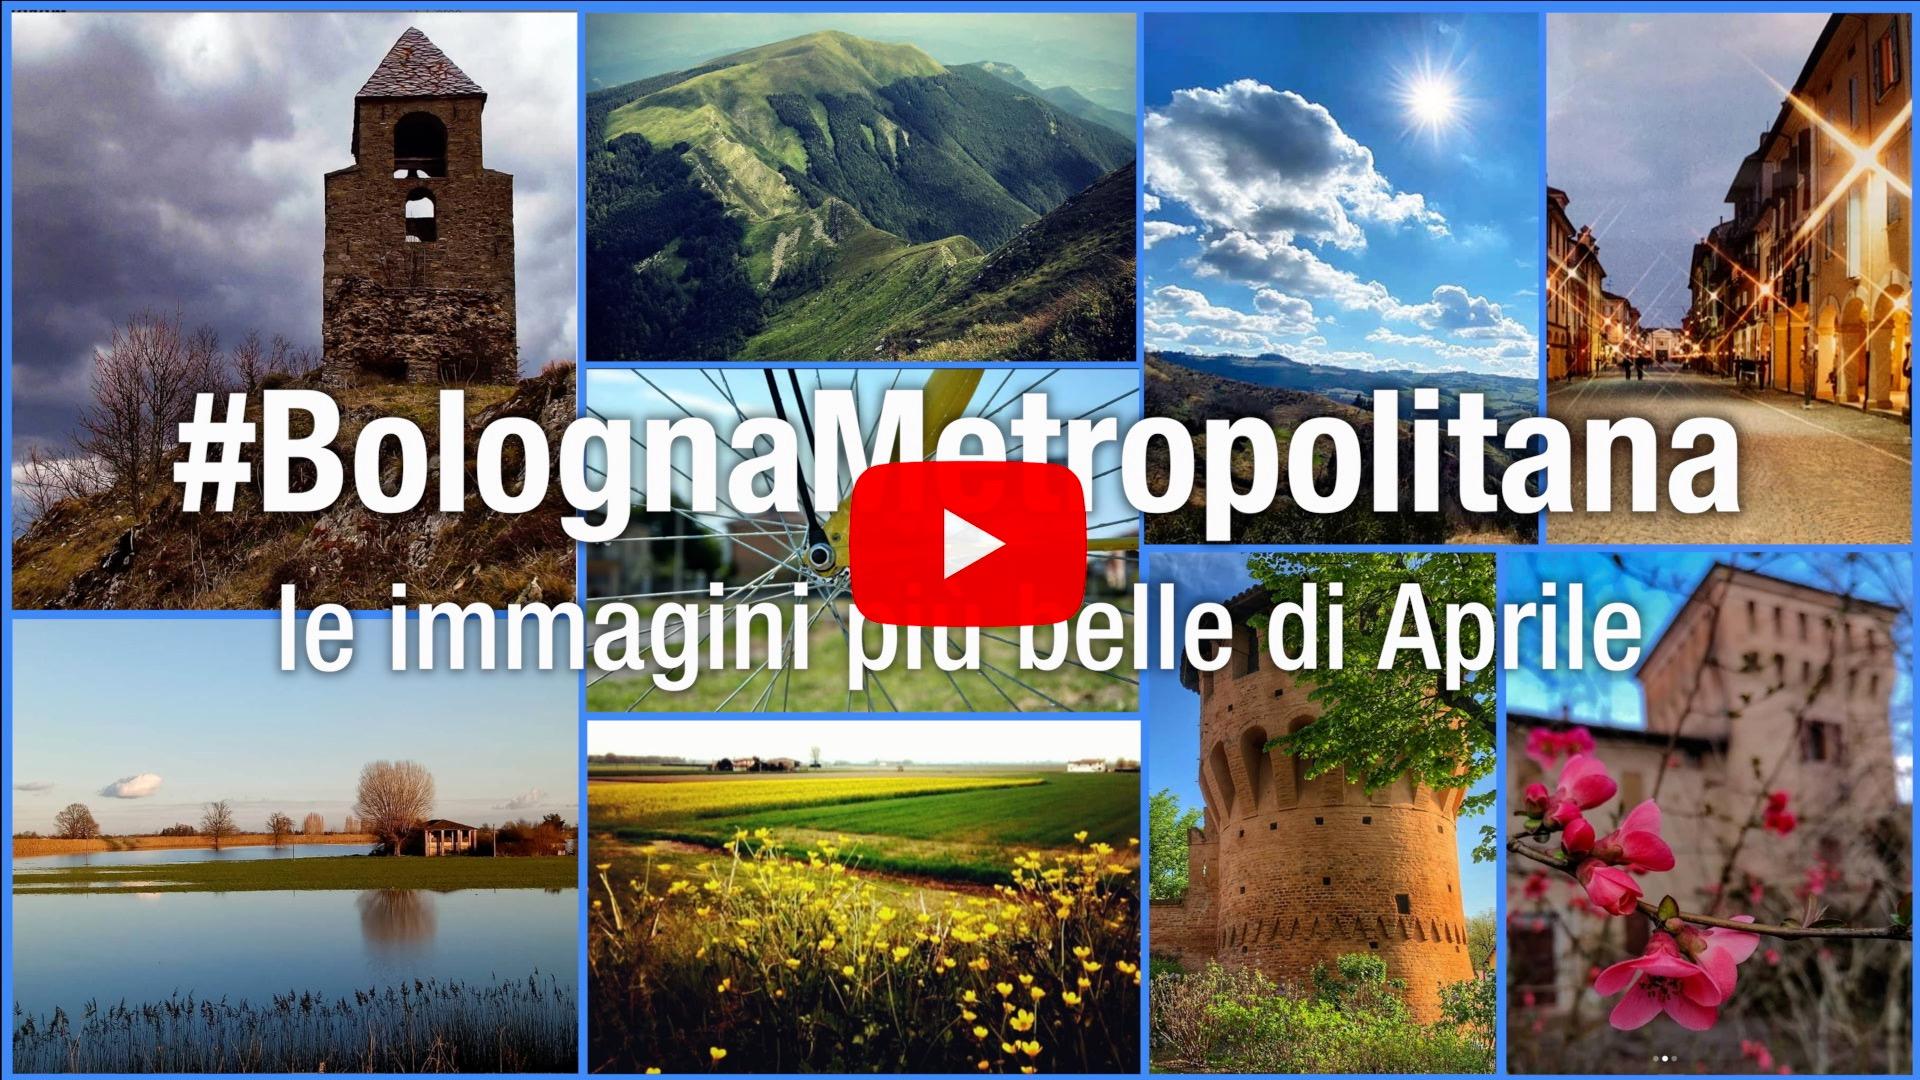 #BolognaMetropolitana - Le immagini più belle di aprile 2020